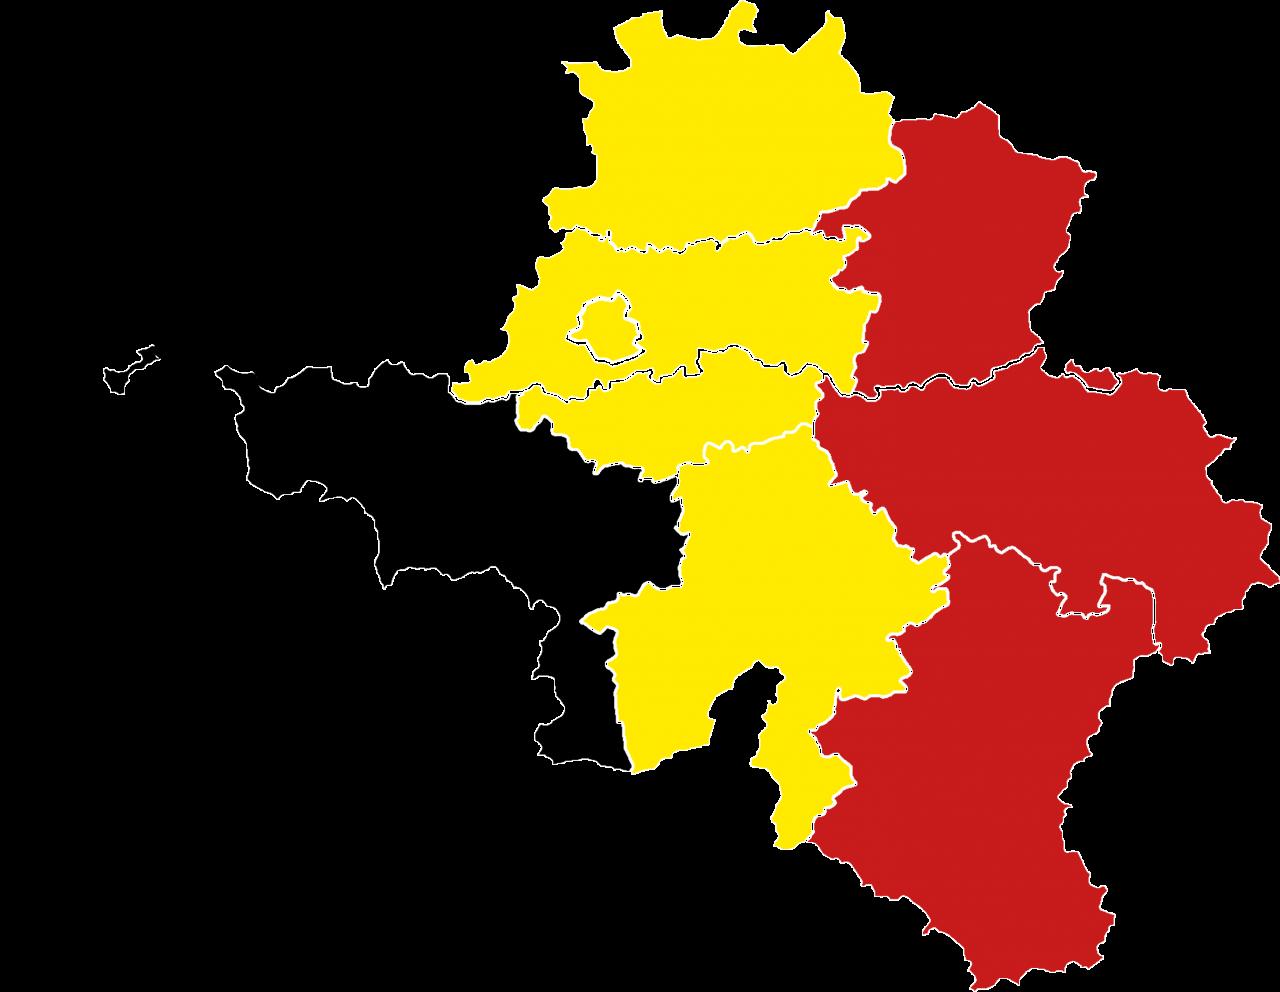 Map of Belgium - Flag of Belgium PNG Image